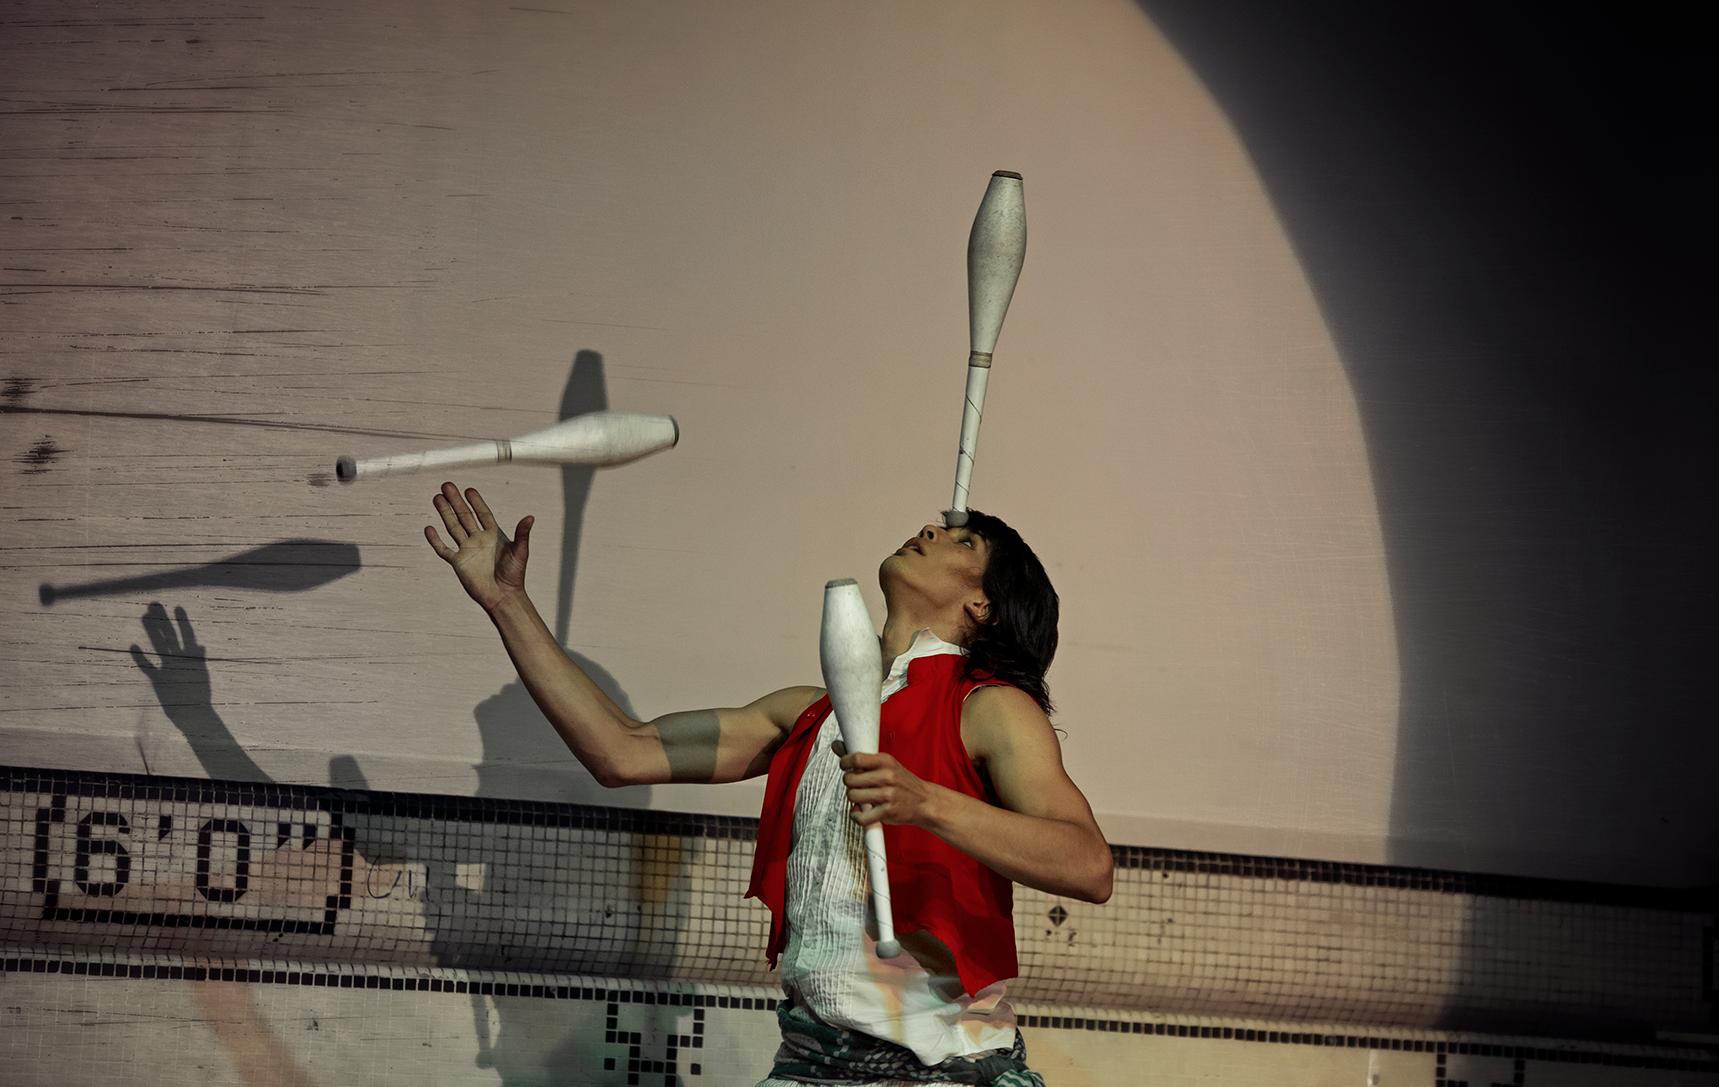 Ale lou Yah - Jonglerie    Ale lou, aussi connu sous le nom d'Alejandro Barrios, est un jongleur passionné par la quête du mouvement et l'exploration du corps. À travers la pratique de son art, il est en constante recherche de sa propre façon de bouger et d'une manière d'interpréter le langage de la scène afin de communiquer avec le public, dénoncer les injustices et témoigner de la vie même. C'est en voyageant en Amérique latine qu'il a découvert le cirque à travers le théâtre et les spectacles de rue. Depuis 2008, il s'y dédie complètement en véritable autodidacte.      Aujourd'hui, il habite Montréal et y poursuit son périple en travaillant avec divers collectifs. Il est intéressé par le théâtre physique, la danse, l'acrobatie, le main-à-main et la jonglerie. Il collabore avec Cirquantique depuis 2013 et a participé à plusieurs de leurs prestations et animations. Ses performances, teintées d'onirisme et de poésie, mettent l'imaginaire en mouvement et nous font voyager à notre tour.